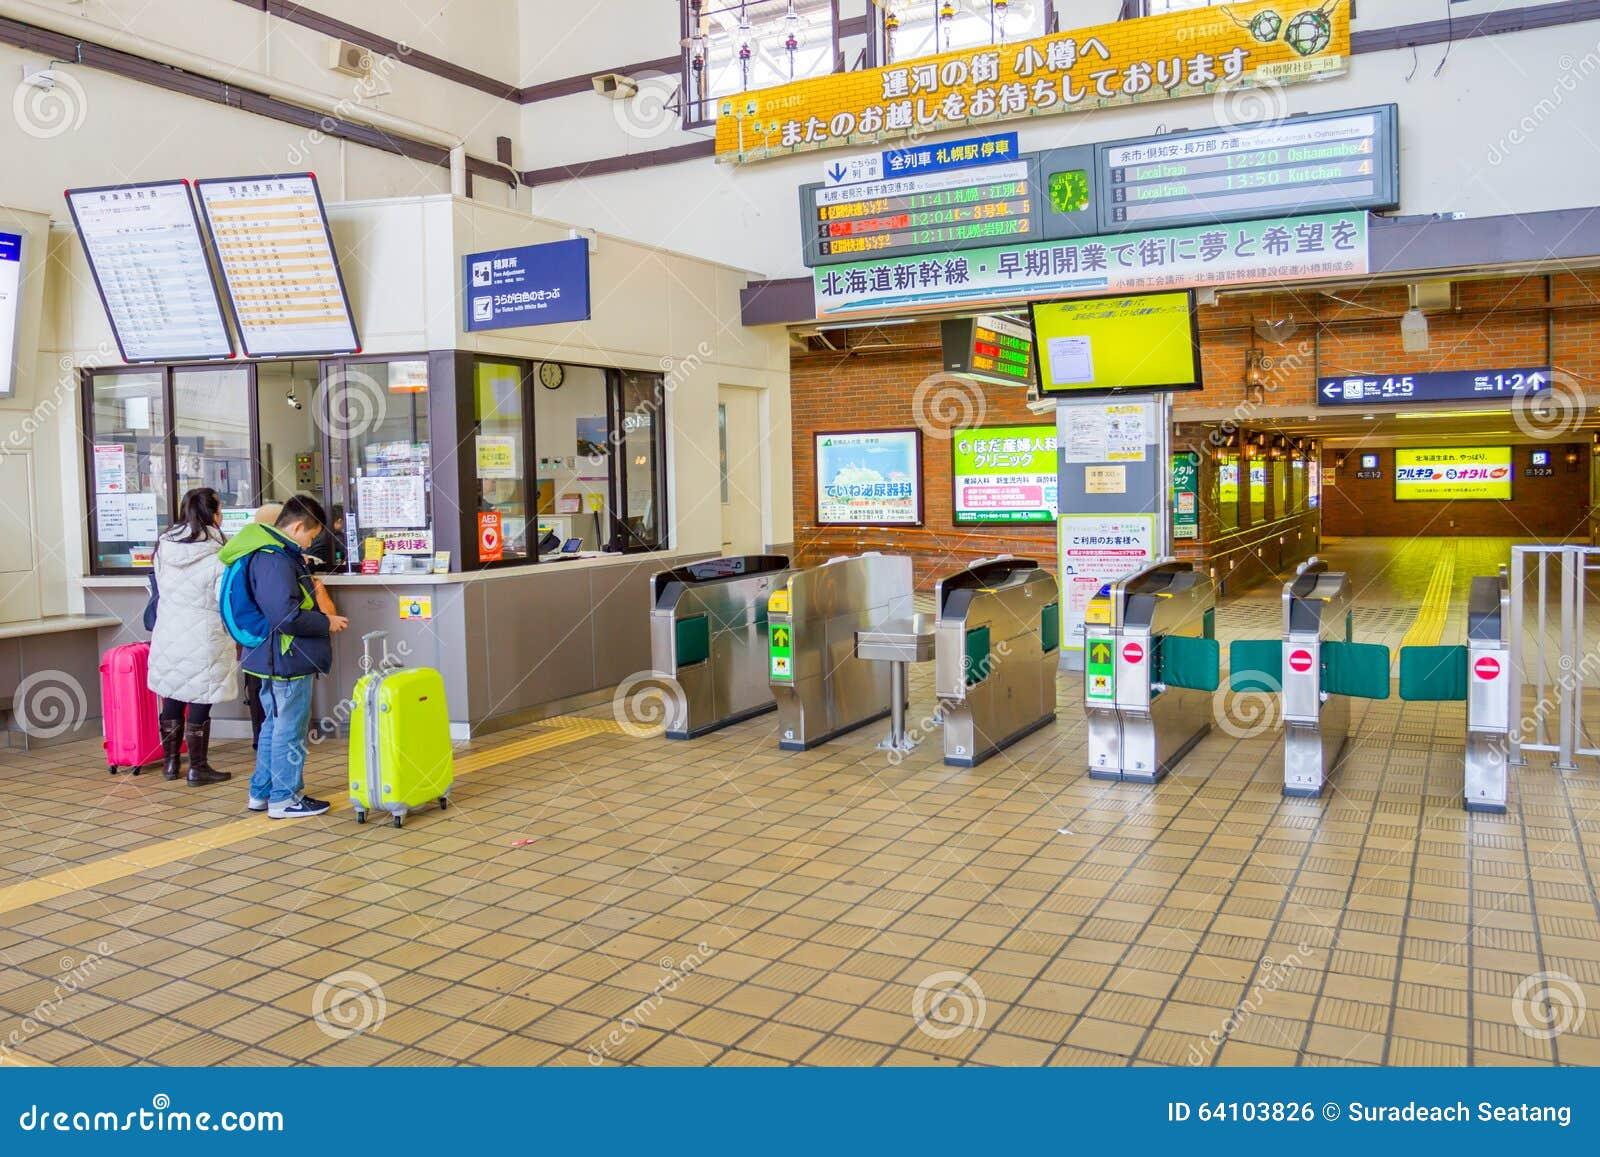 Los pasajeros están comprando boletos de las máquinas expendedoras